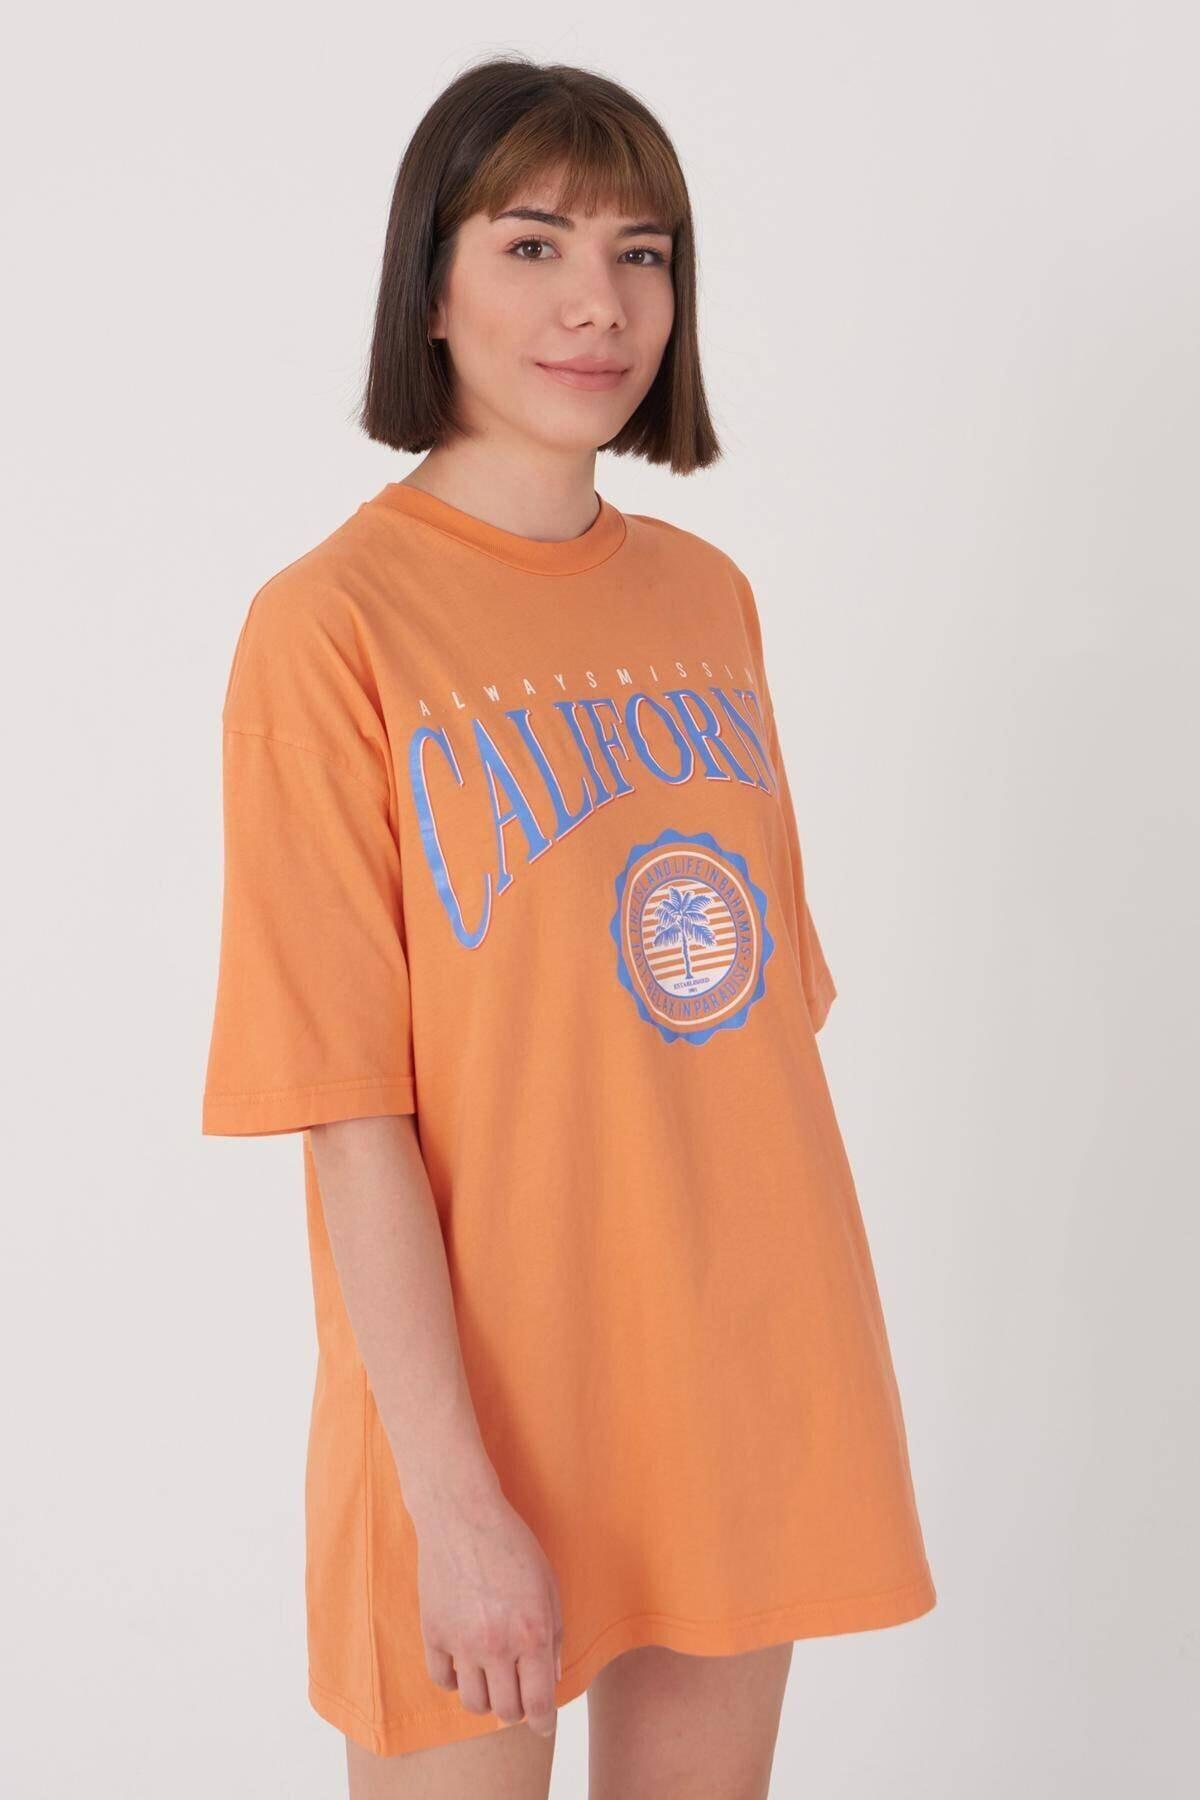 Addax Kadın Turuncu Baskılı Geniş Kesim Tişört P1016 - S5 ADX-0000022688 1